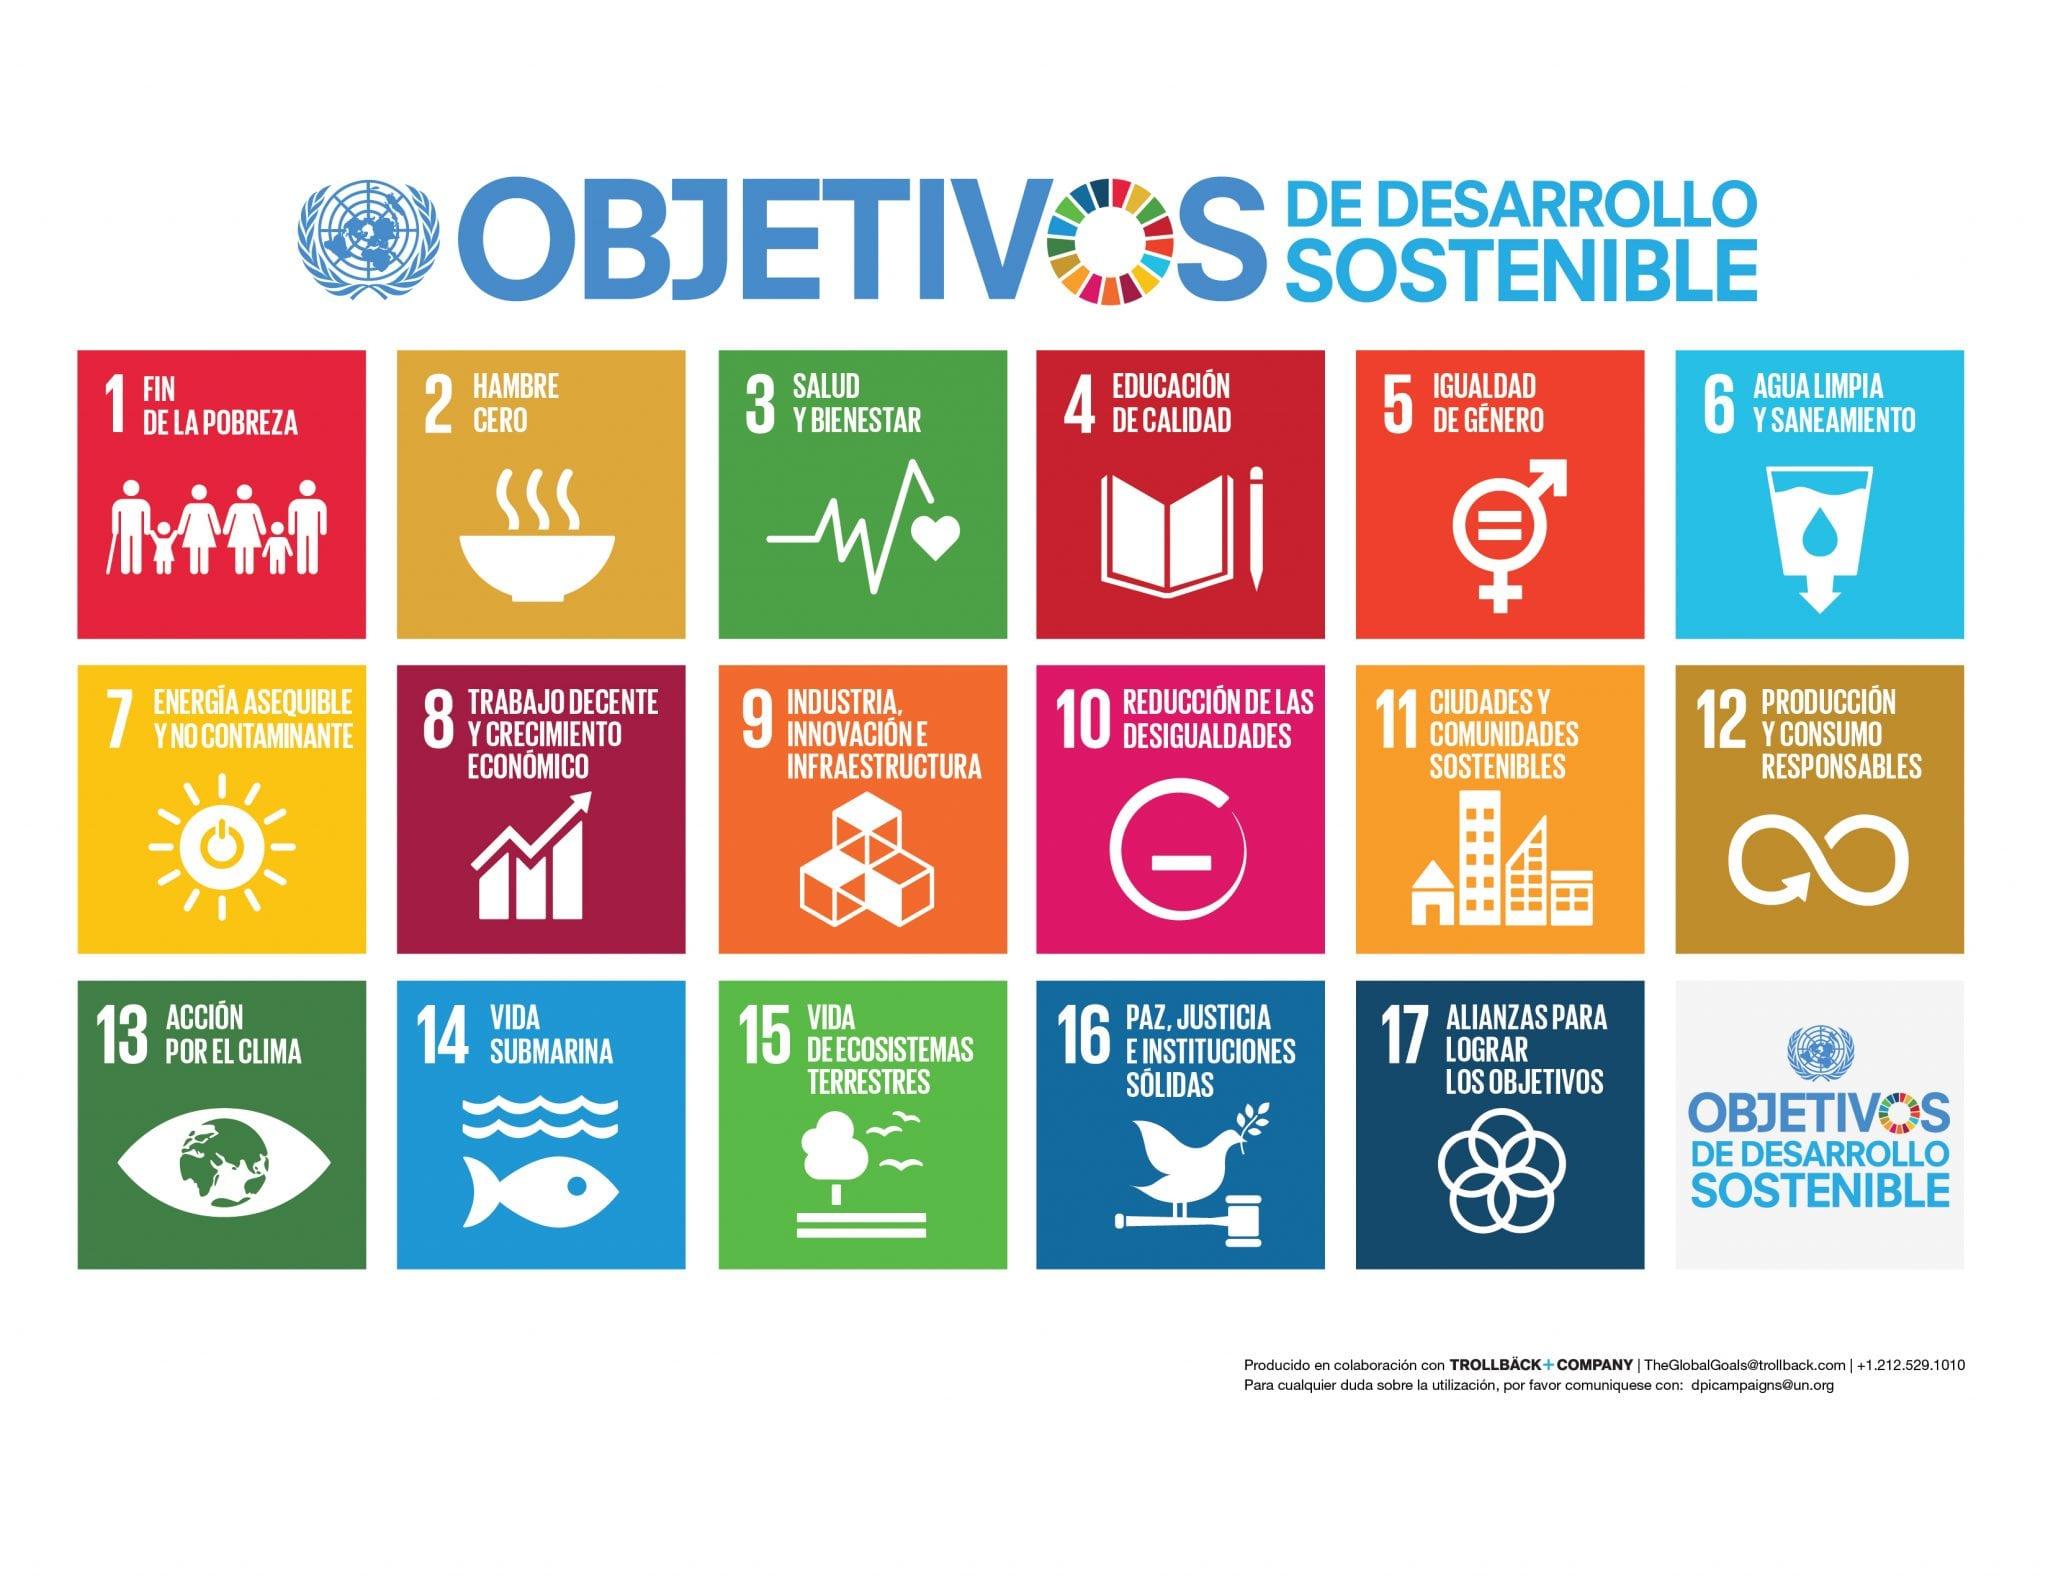 La Asamblea General adopta la Agenda 2030 para el Desarrollo ...